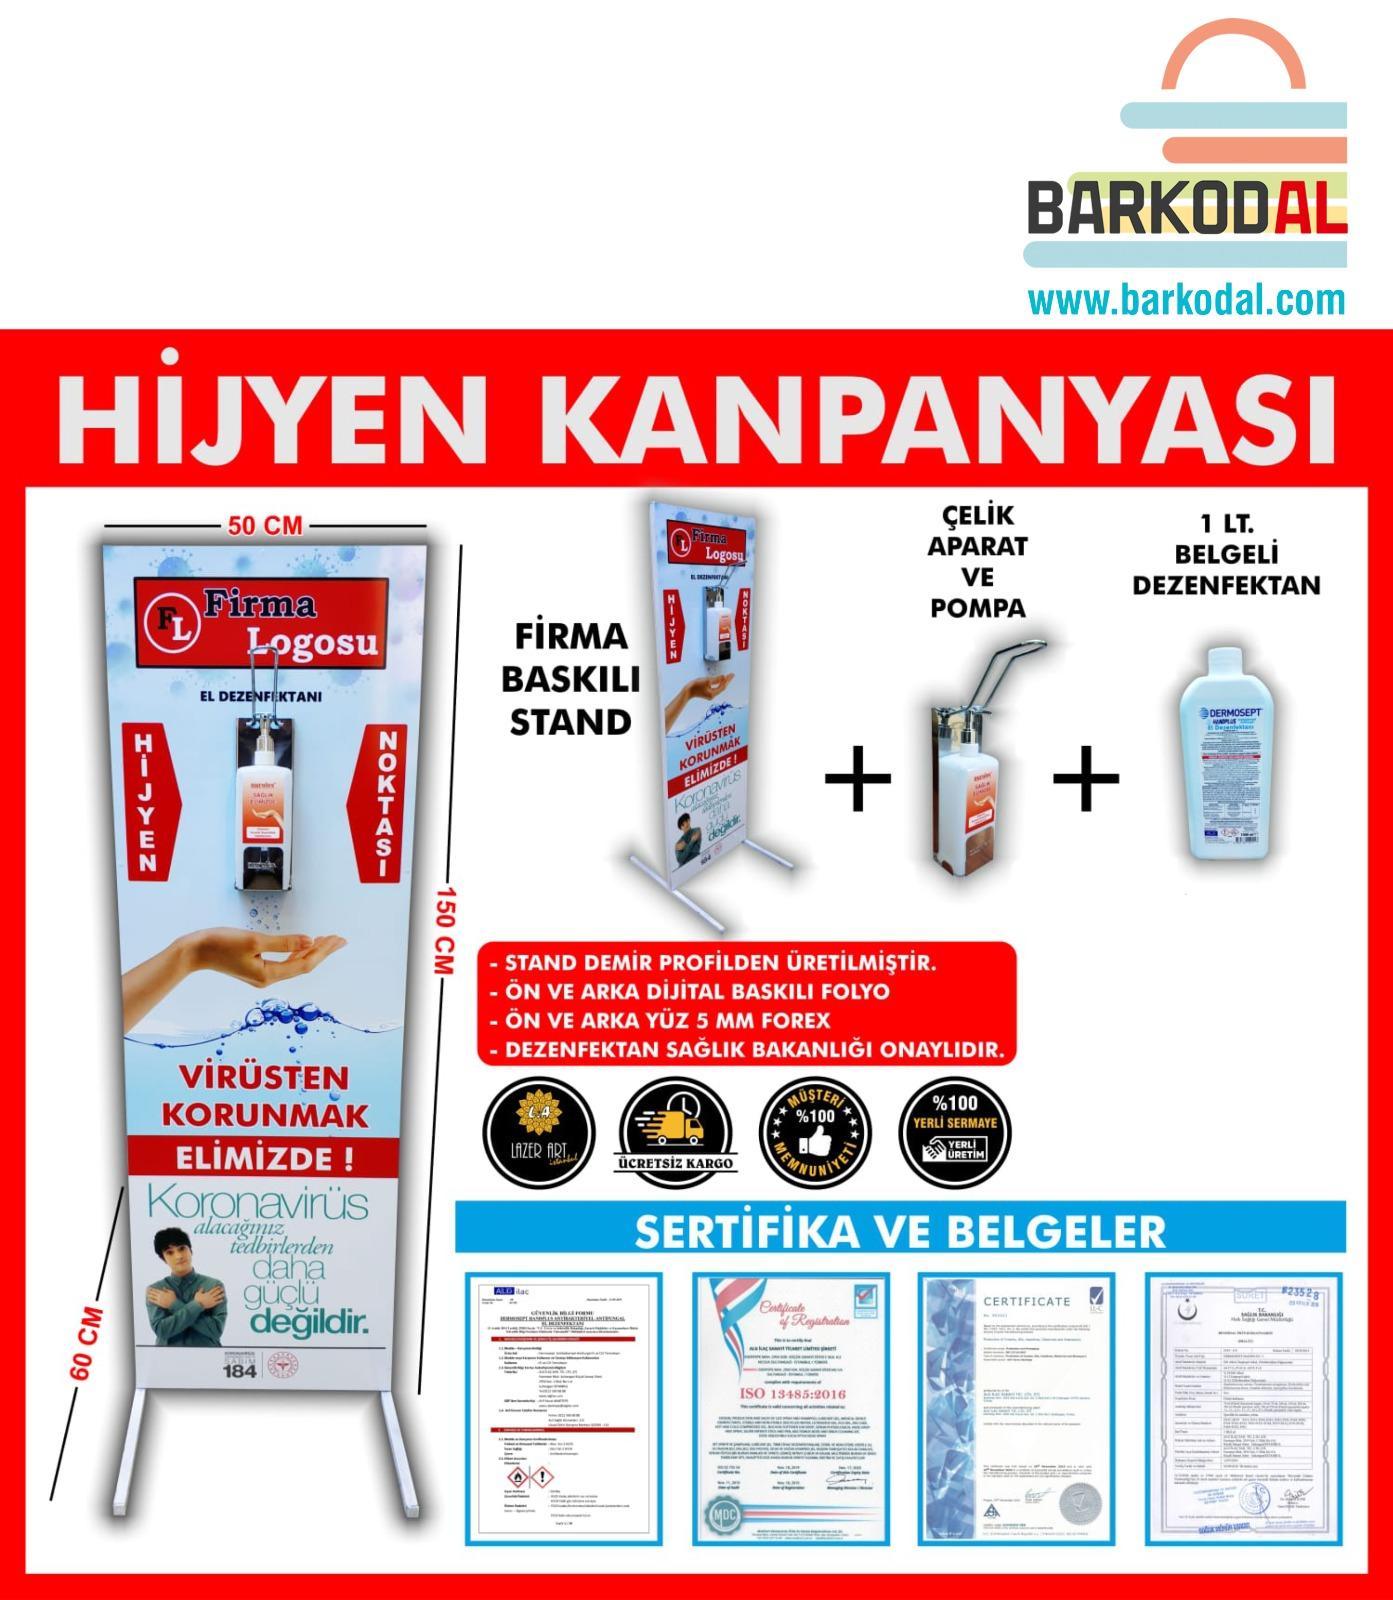 Ayaklı Dezenfektan Standı (Sadece İstanbul İçi Teslimat-1 Lt Dezenfektanlı)